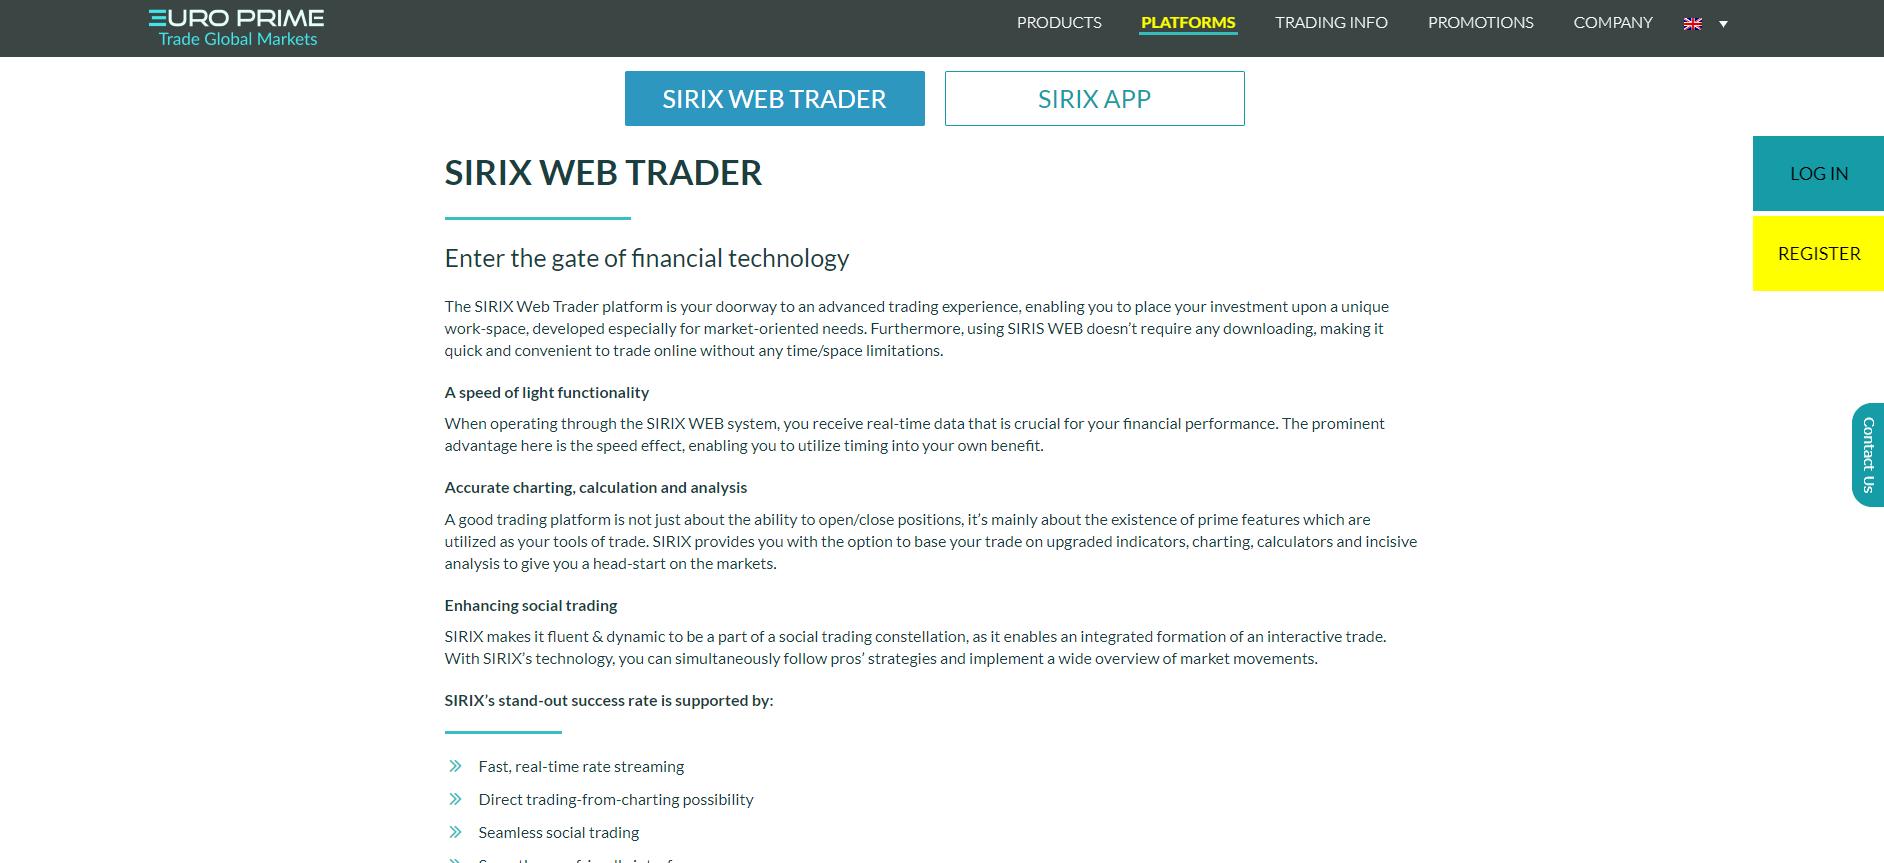 uro prime webtrader platform